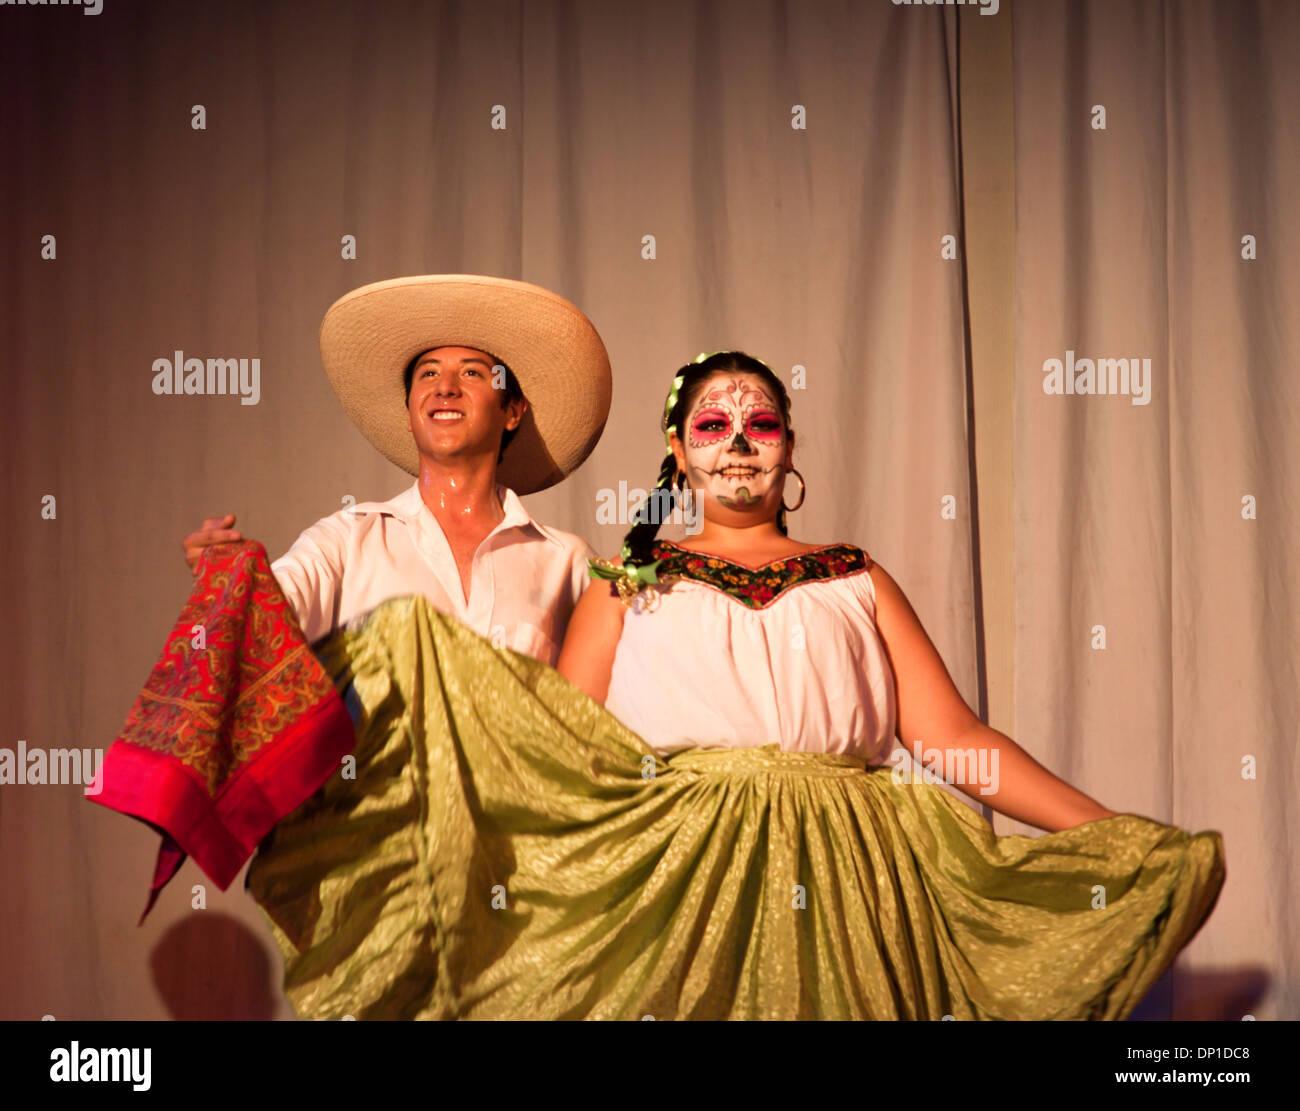 Junge Männer und Frauen in traditioneller Kleidung tanzen Party Tag ...